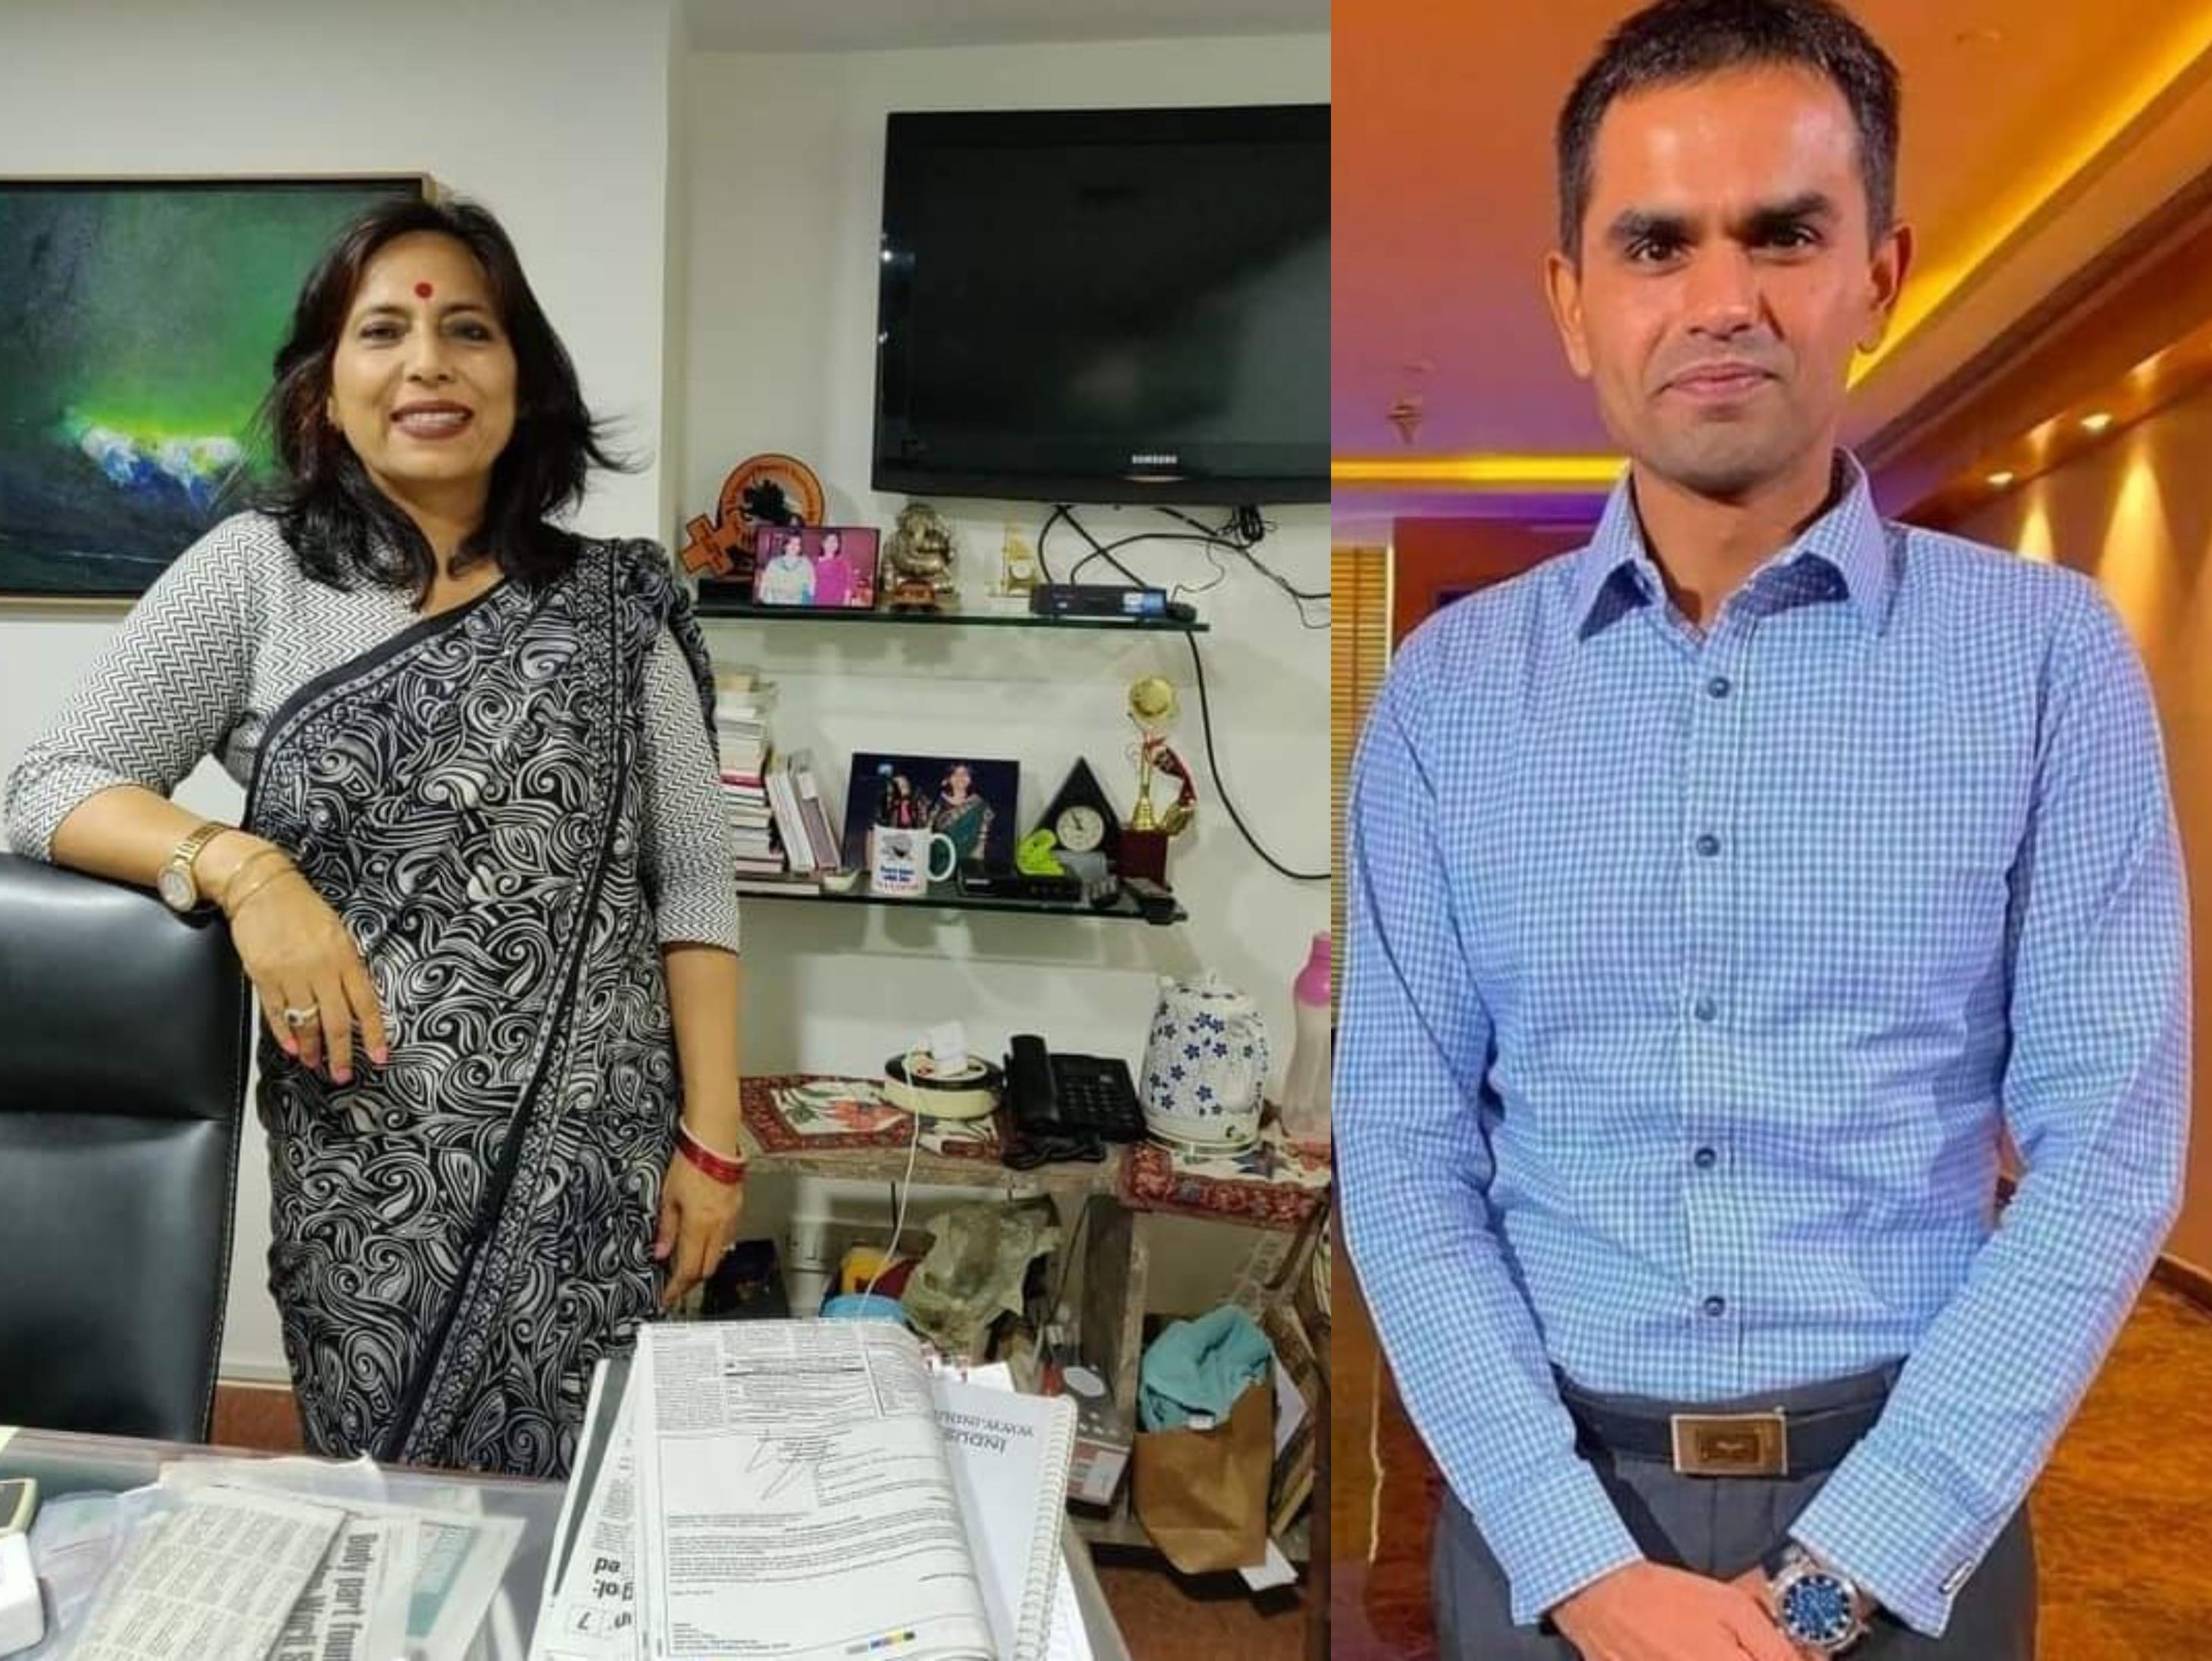 गवाह ने नोटरी पर आरोप लगाए हैं, मुंबई पुलिस और CBI खुद ही संज्ञान लेकर NCB के अफसरों को अरेस्ट कर सकती है बॉलीवुड,Bollywood - Dainik Bhaskar